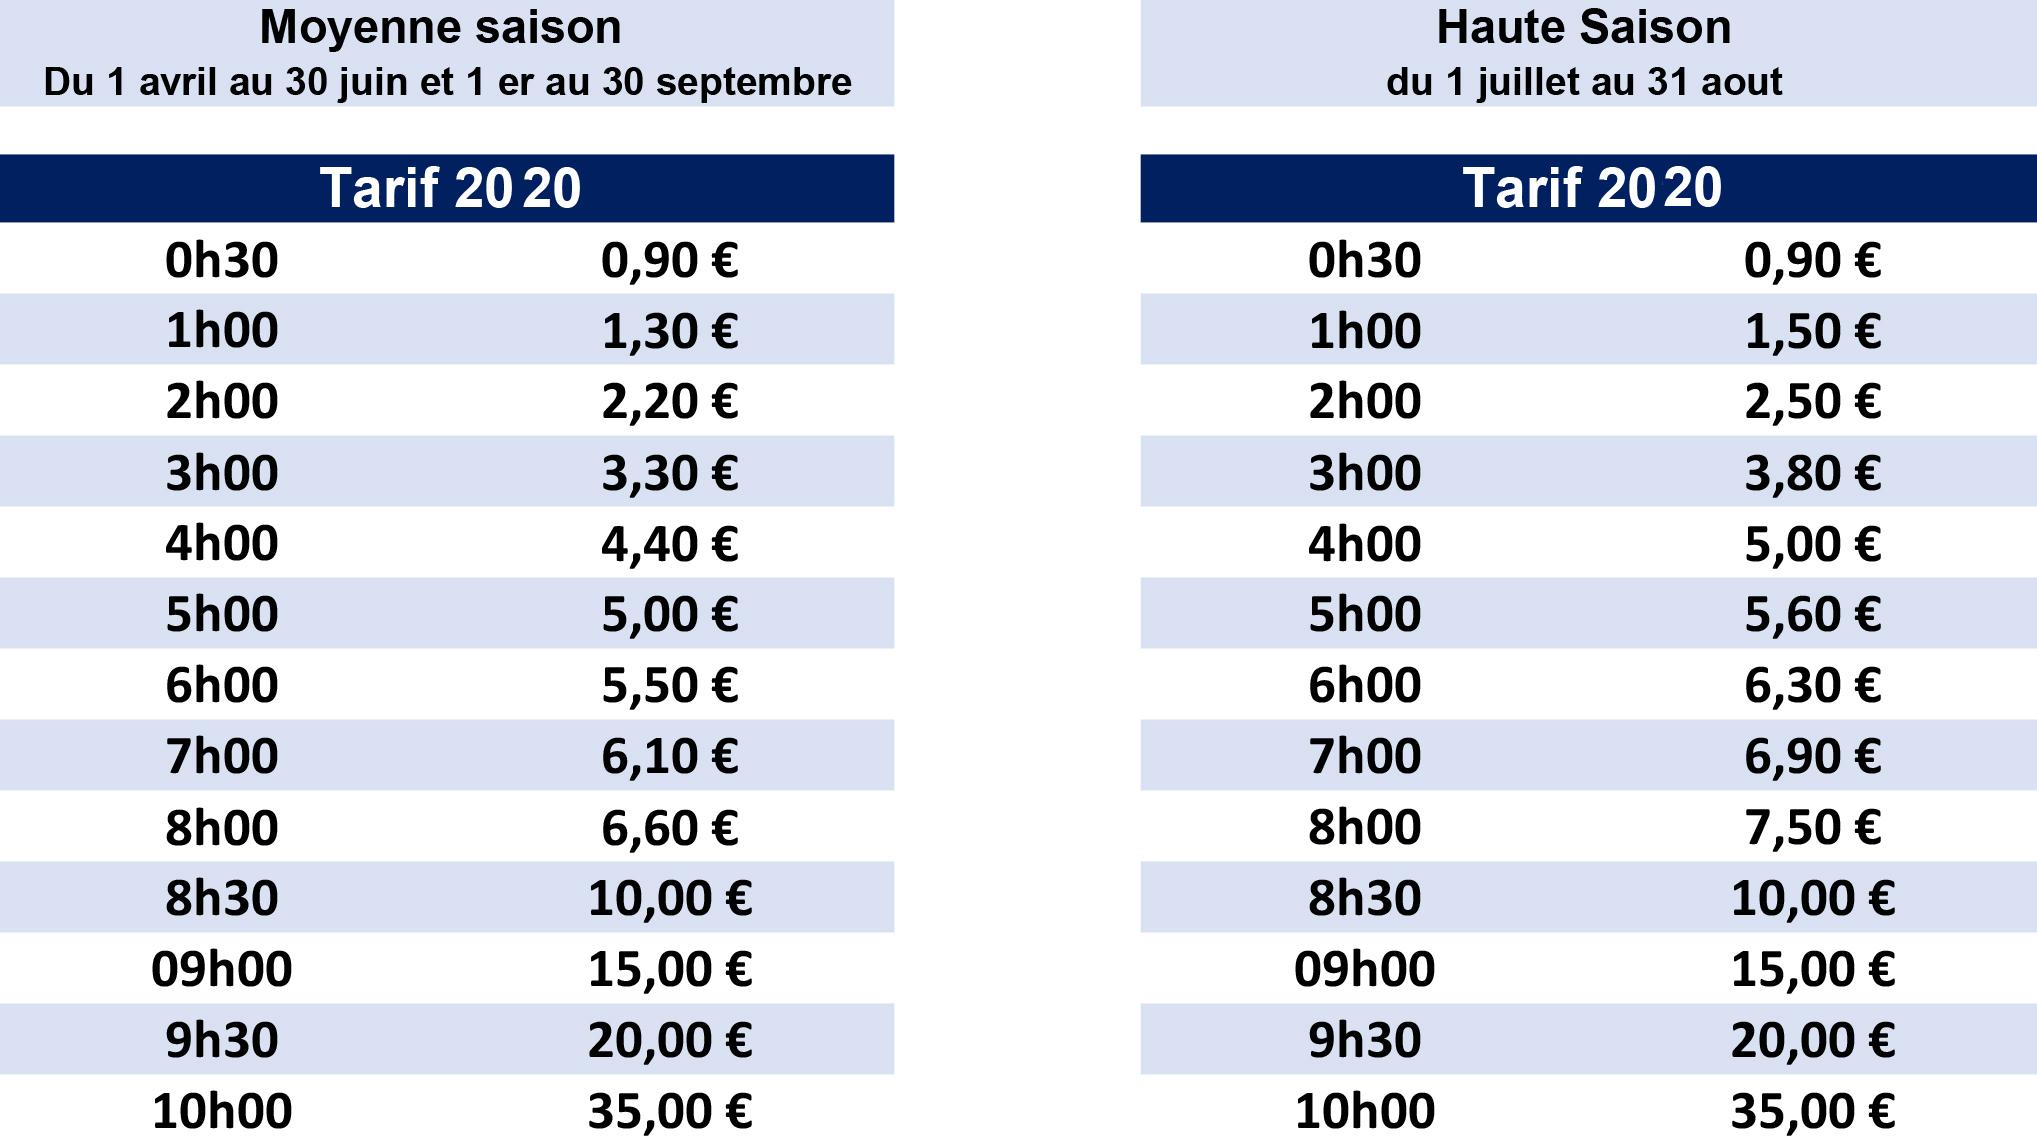 tarifs du stationnement payant 2020